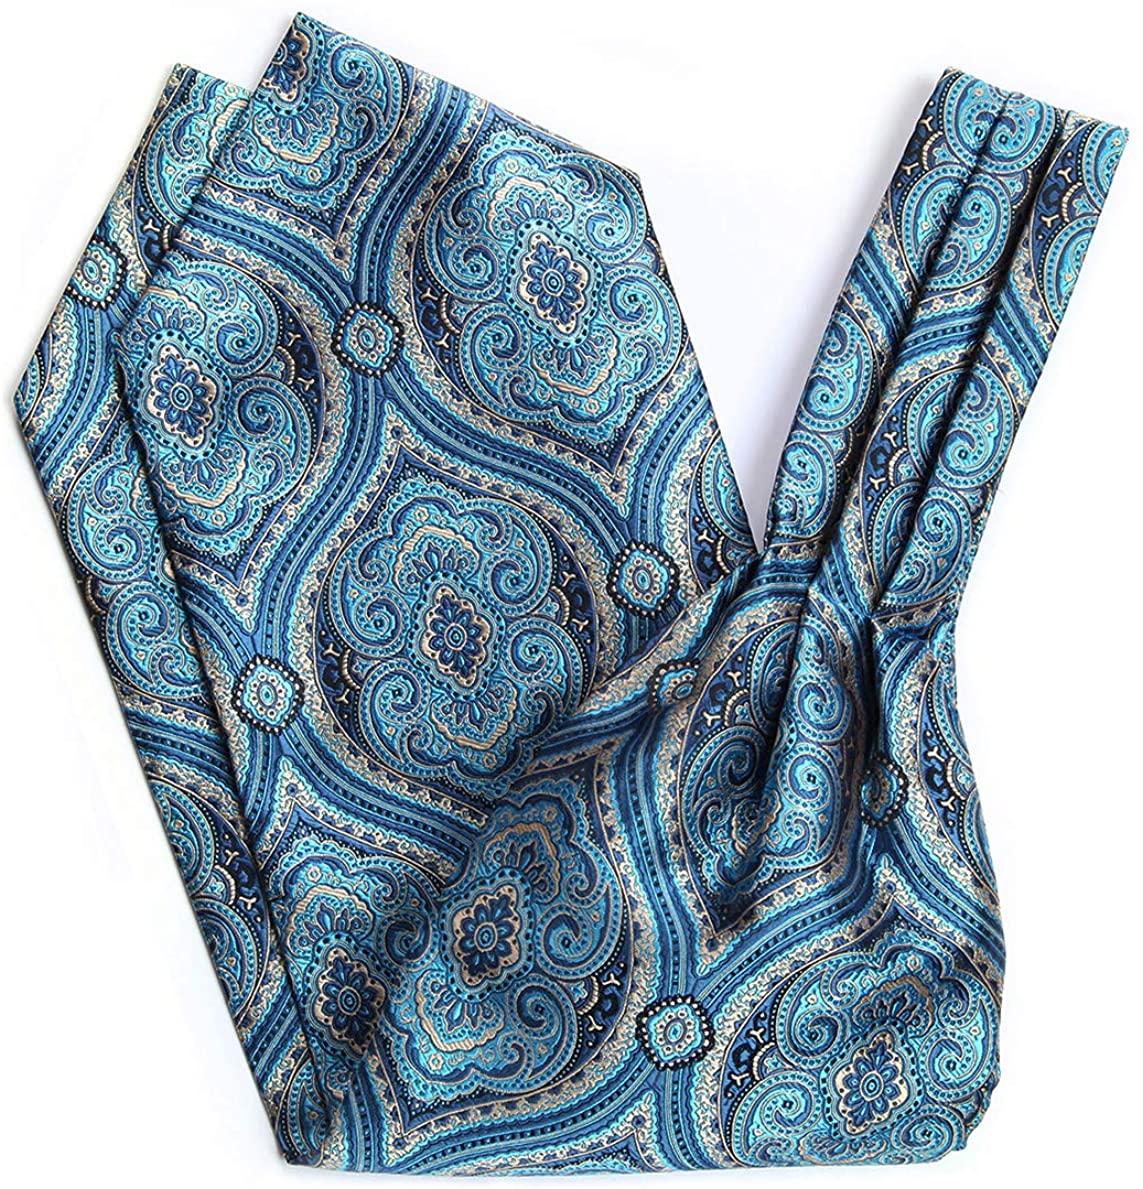 HISDERN Men's Floral Jacquard Woven Self Cravat Tie Ascot